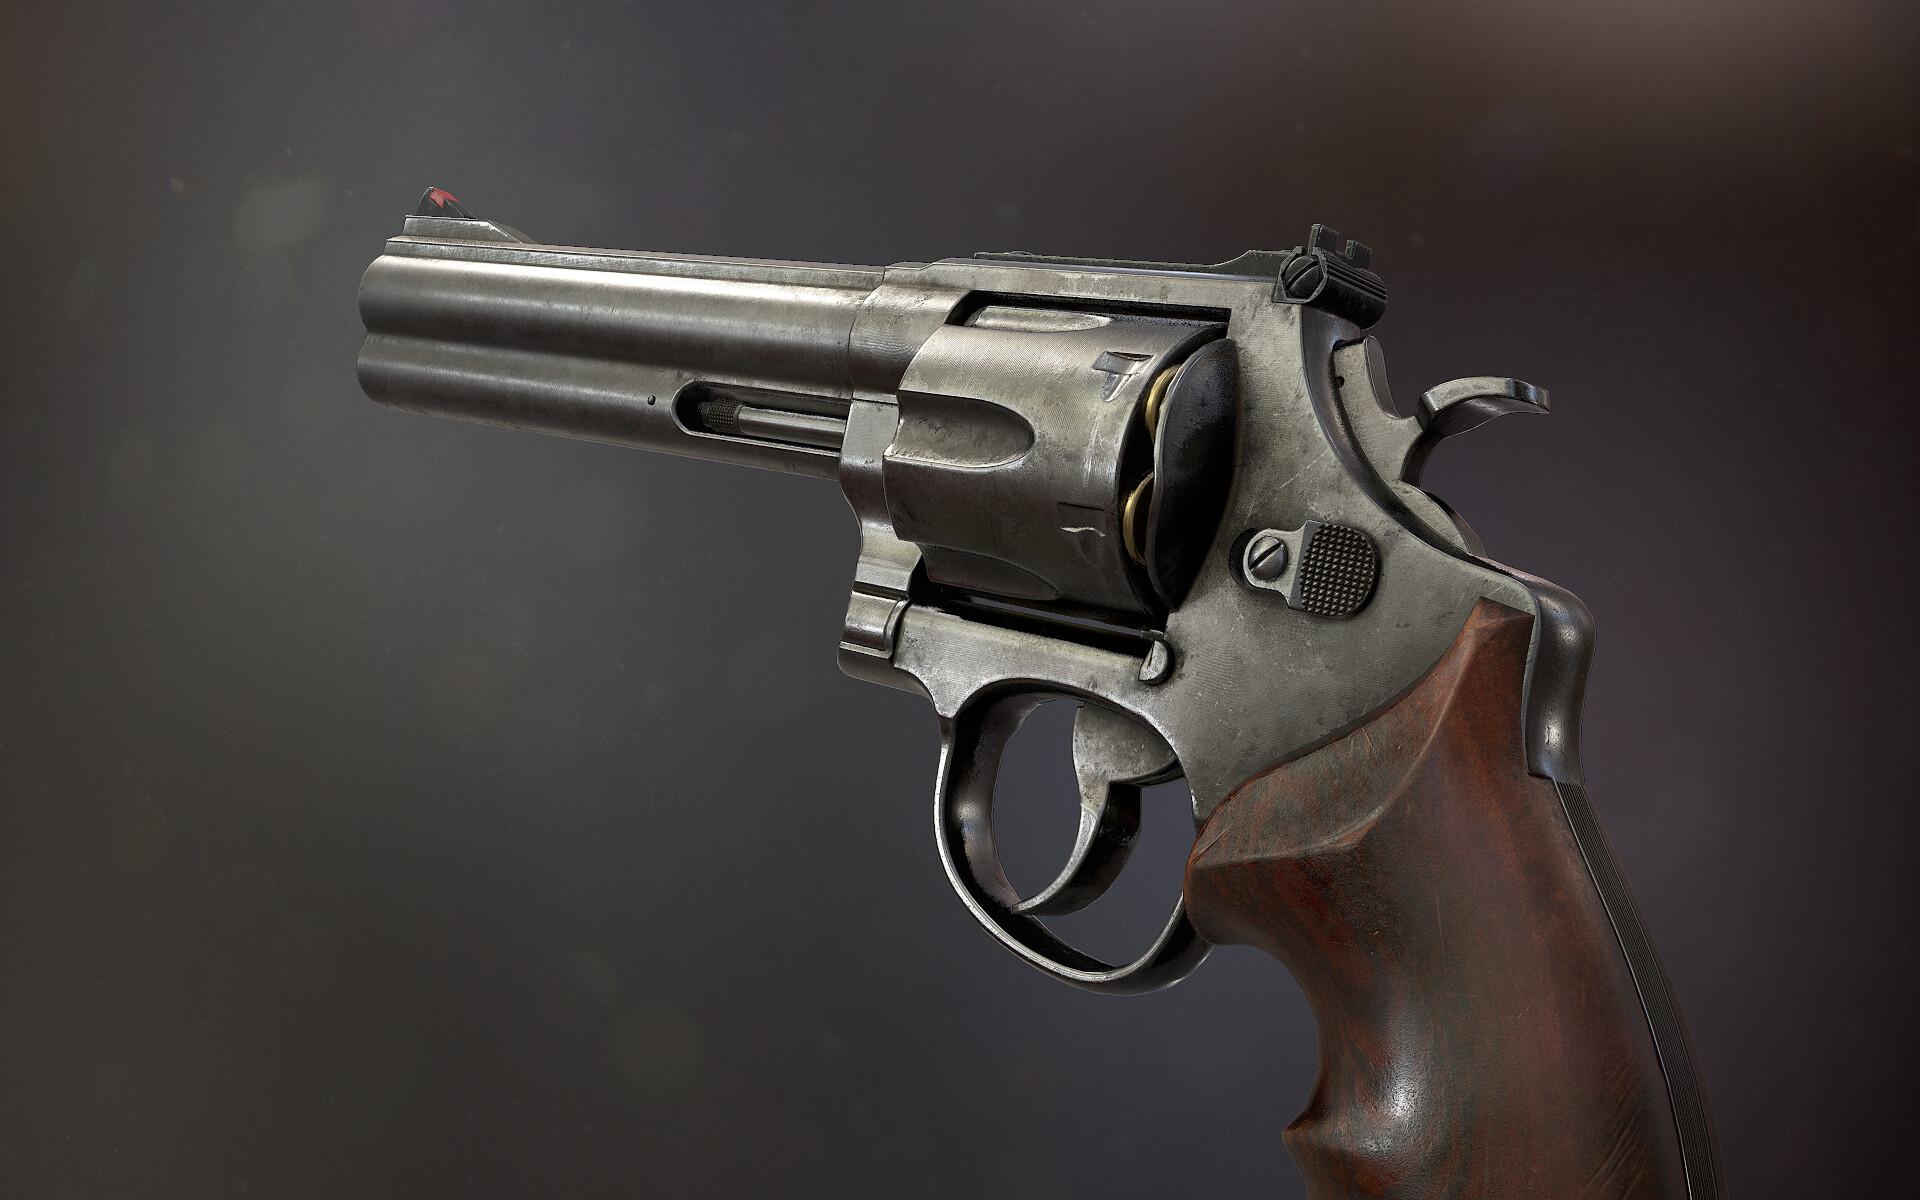 тогда ушли смит вессон револьвер модели фото пятно коже красным